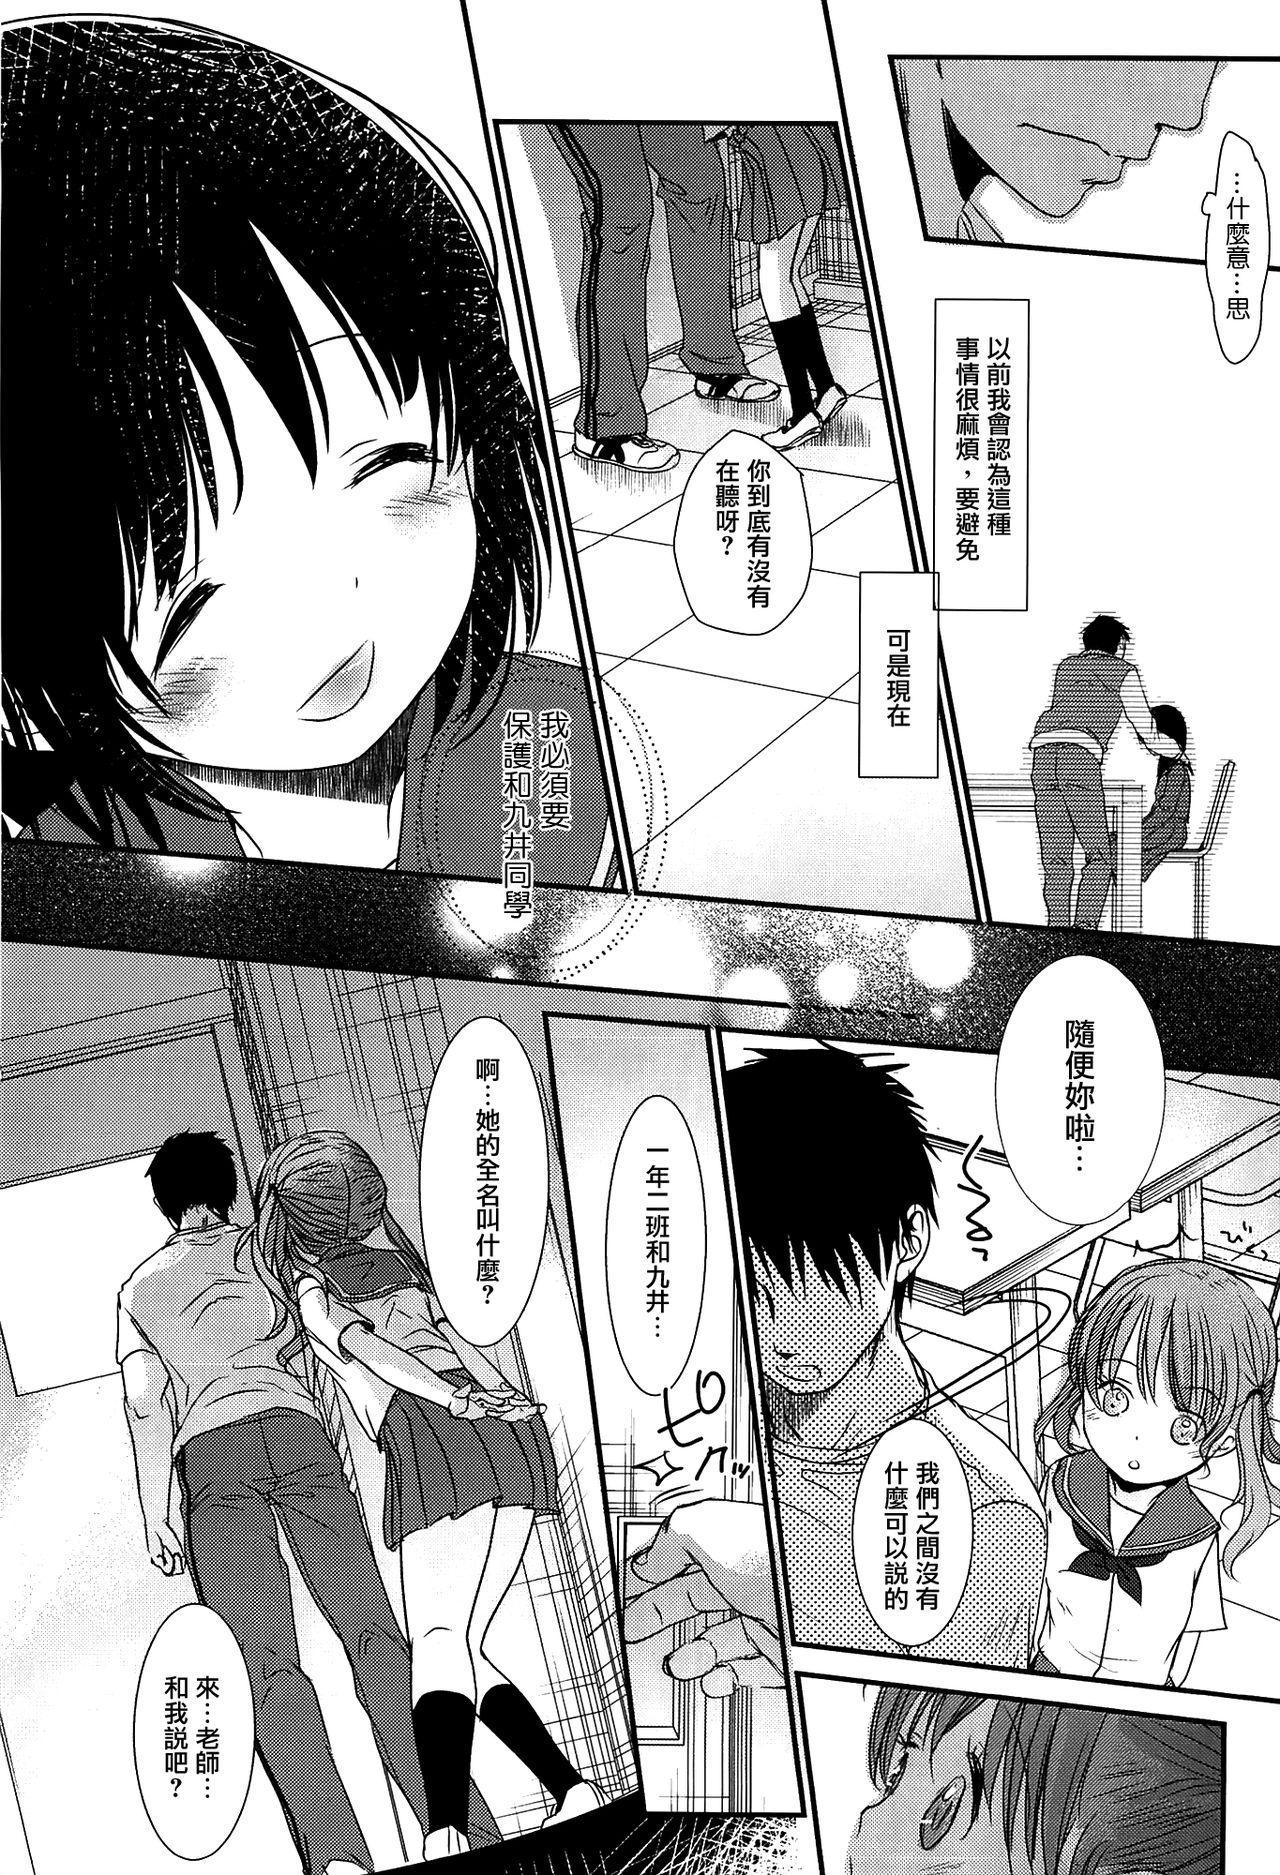 Sensei to, Watashi to. Jou 205